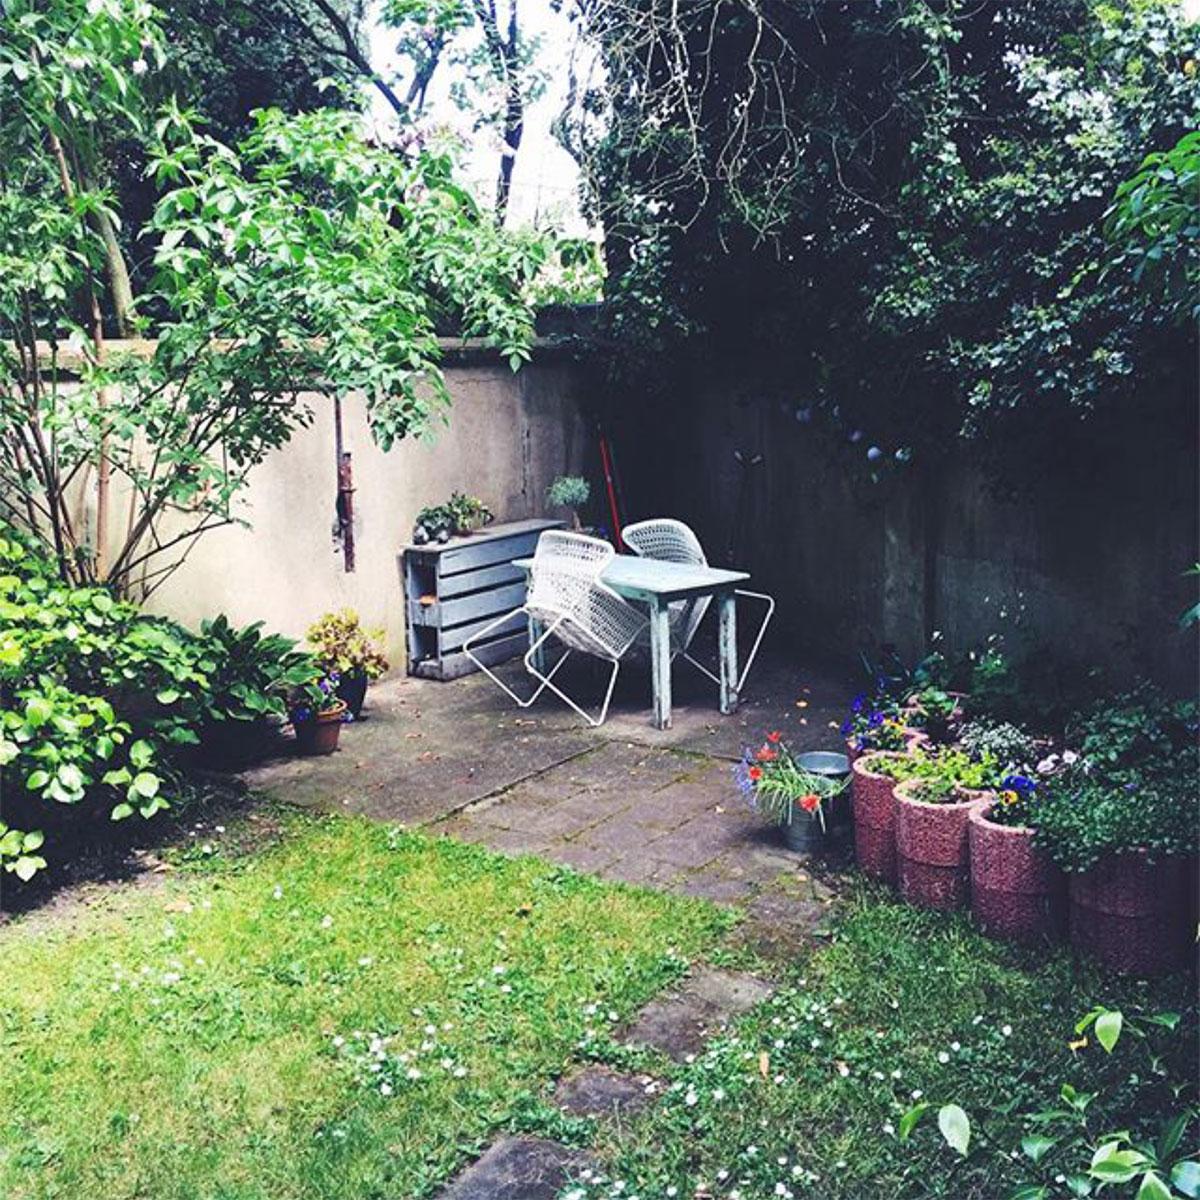 Blick in einen Garten mit Gartenmöbeln und blühenden Pflanzen